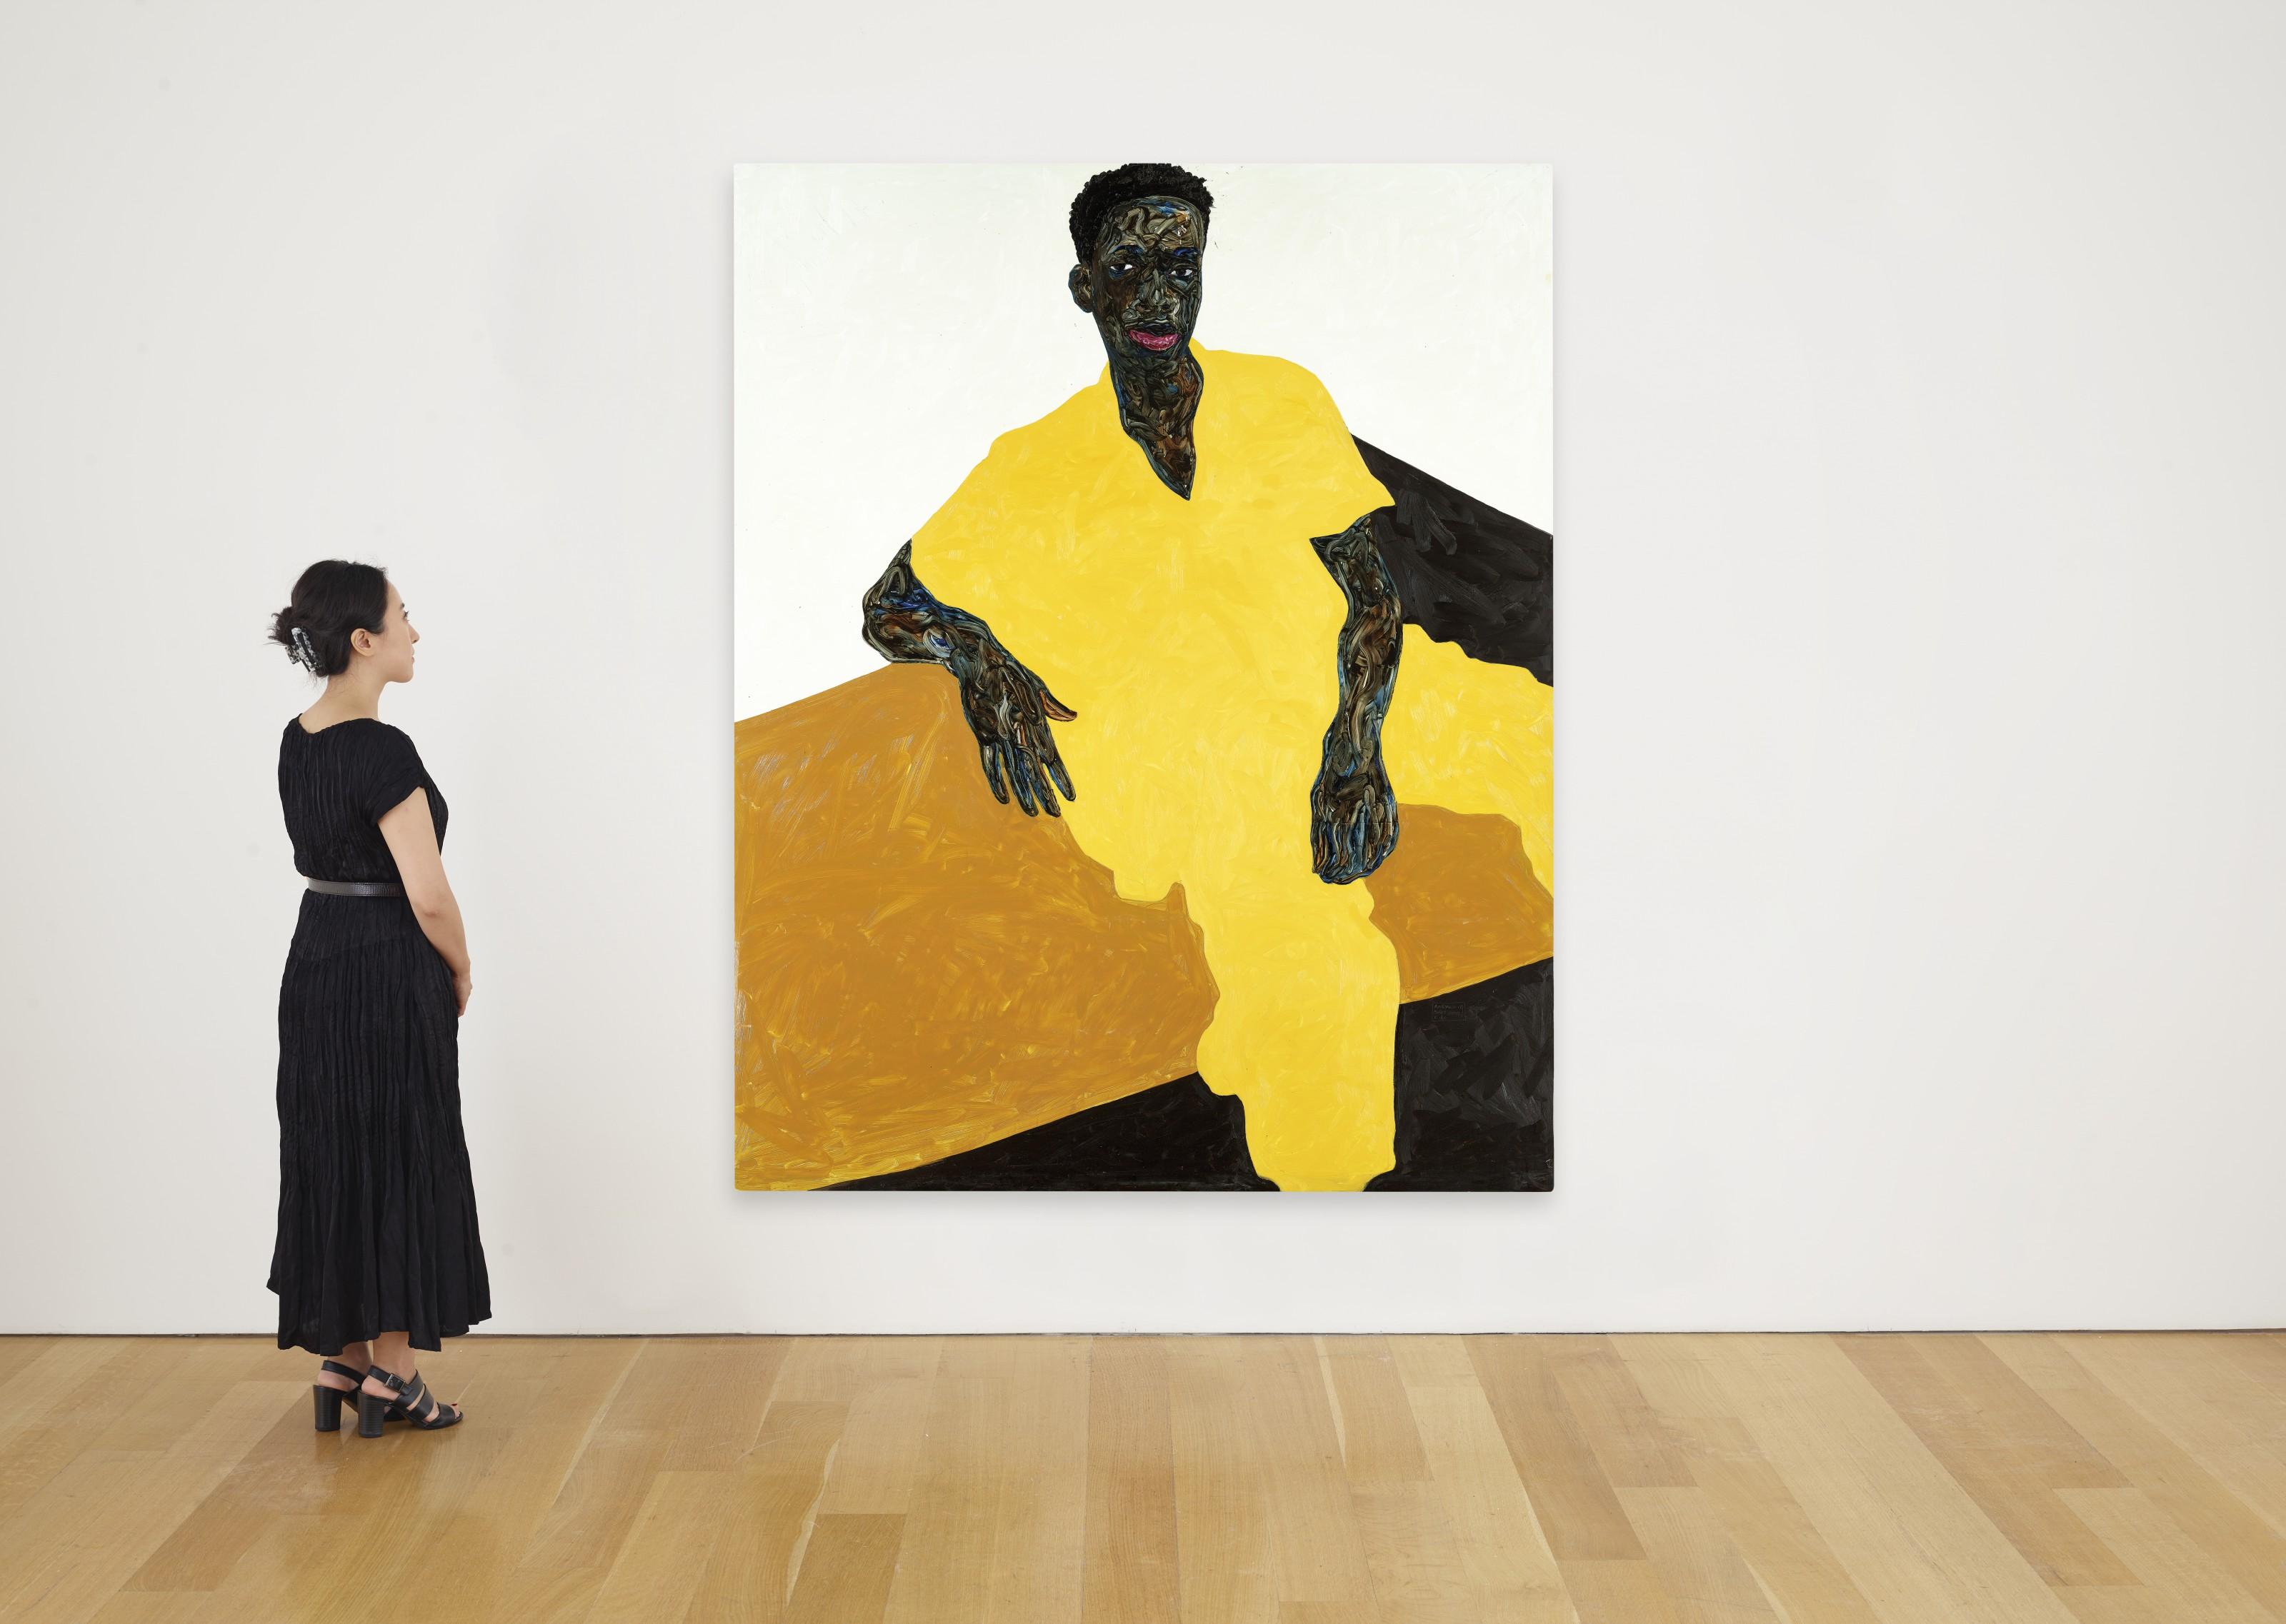 Amoako Boafo (B. 1984)